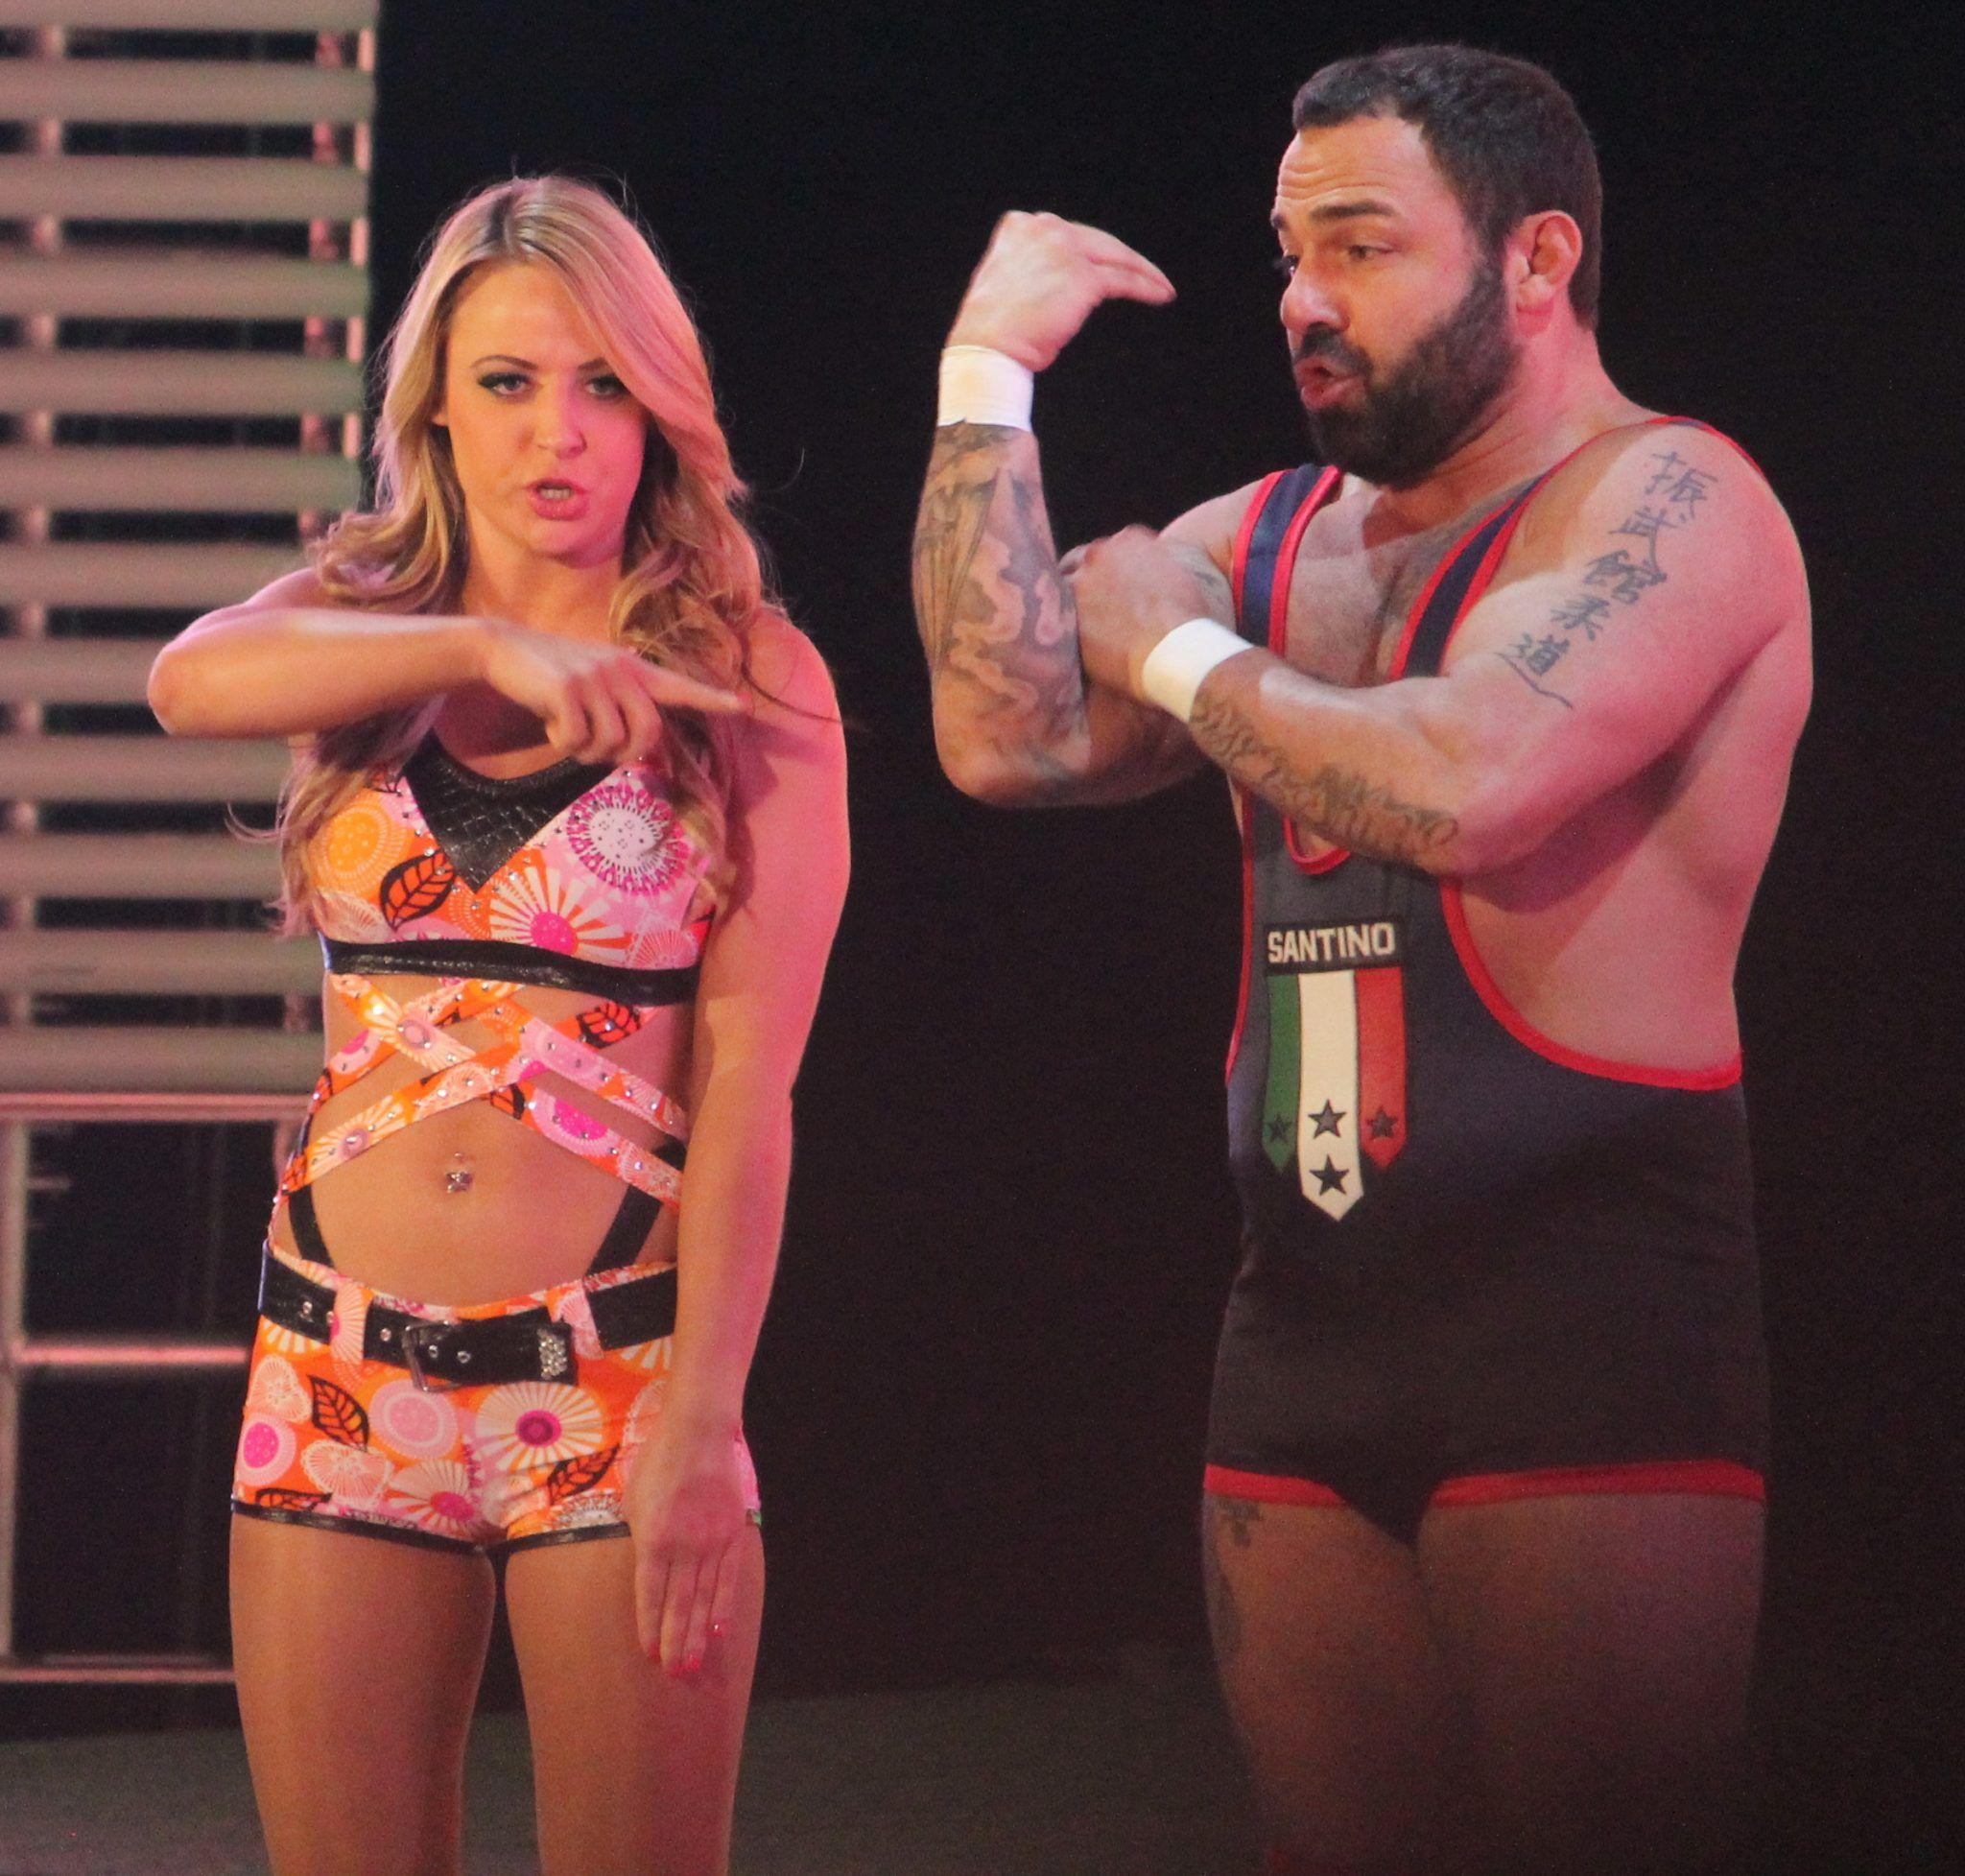 A Mattel WWE Emma & Santino Marella Battle Pack!